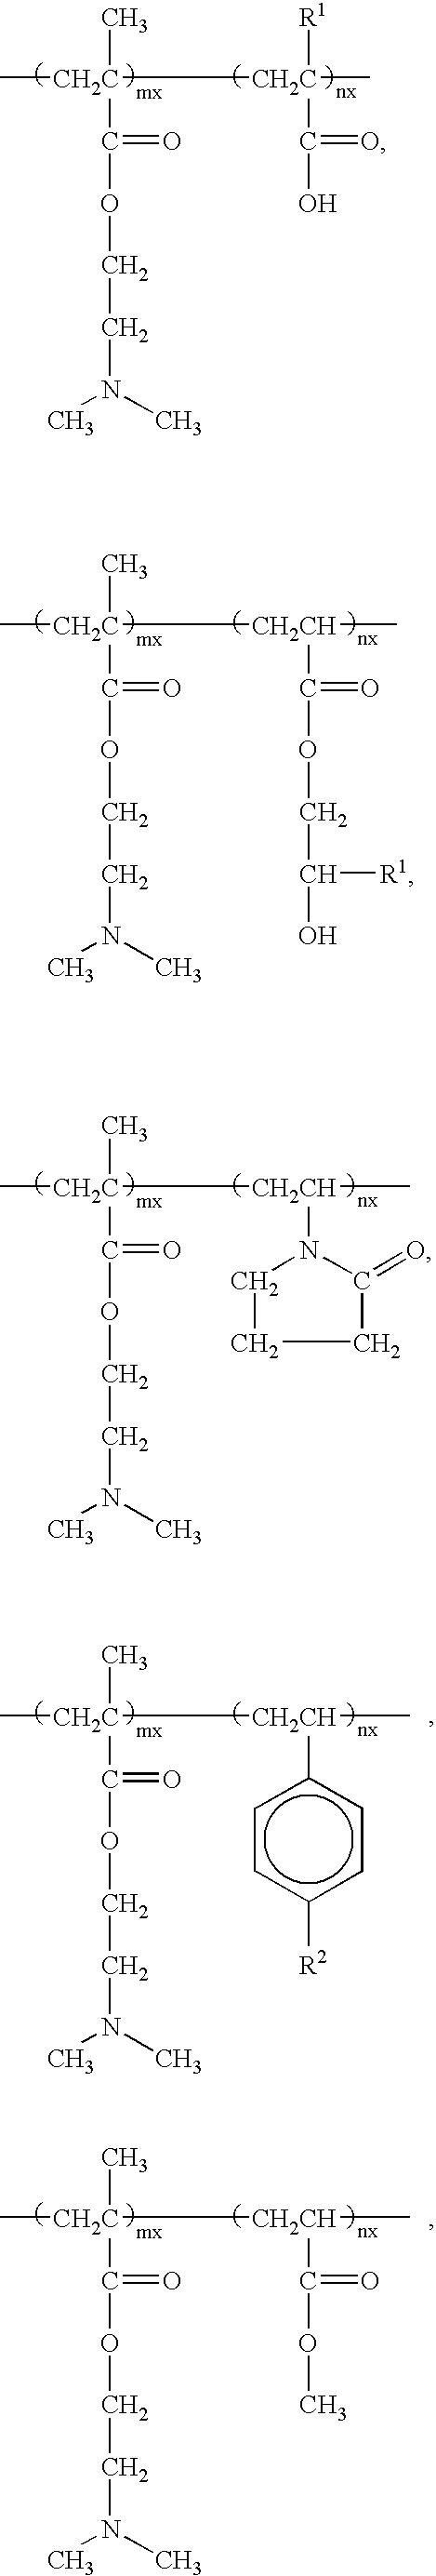 Figure US07335700-20080226-C00098